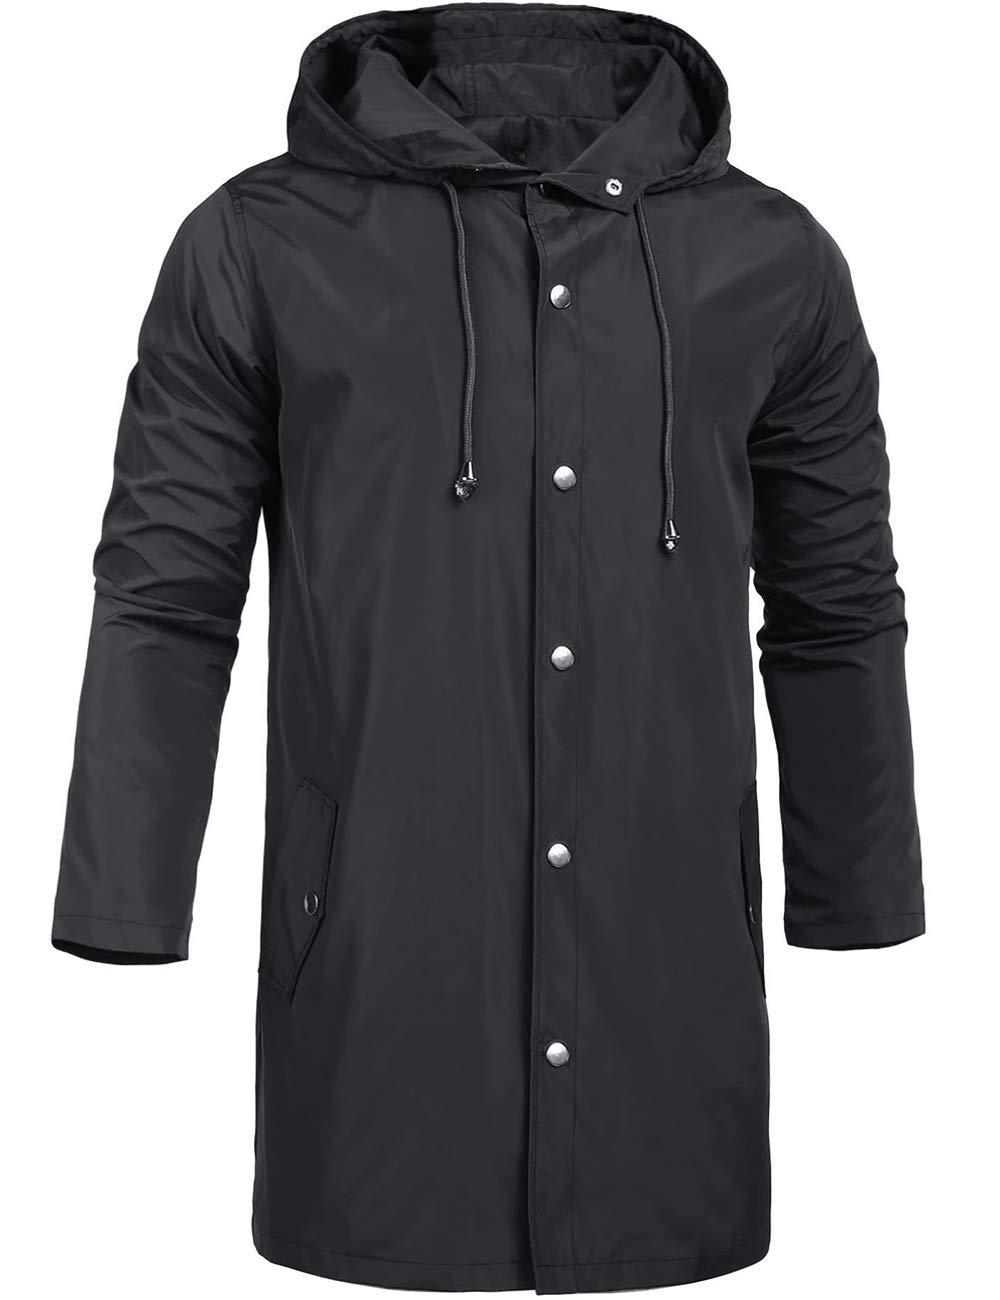 ZEGOLO Men's Raincoats Waterproof Jacket with Hood Windbreaker Breathable Lightweight Outdoor Long Rain Jacket for Men Black Large by ZEGOLO